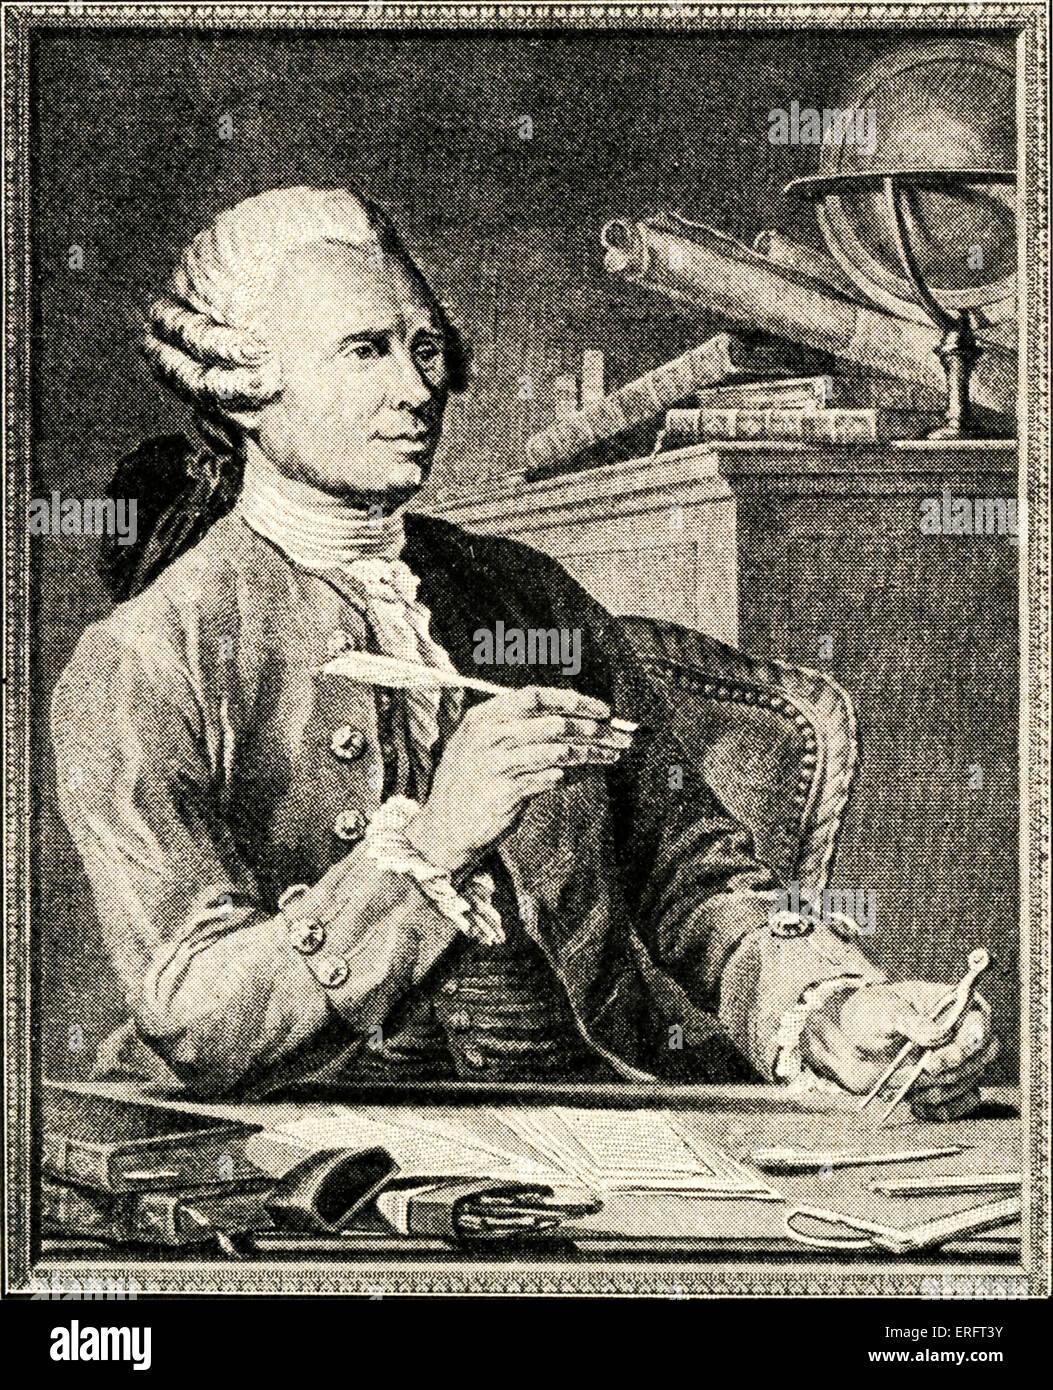 Jean Le Rond D'Alembert - illustration par Nicolas-Rene Jollain (Peintre français: 1732 - 1804), Photo Stock